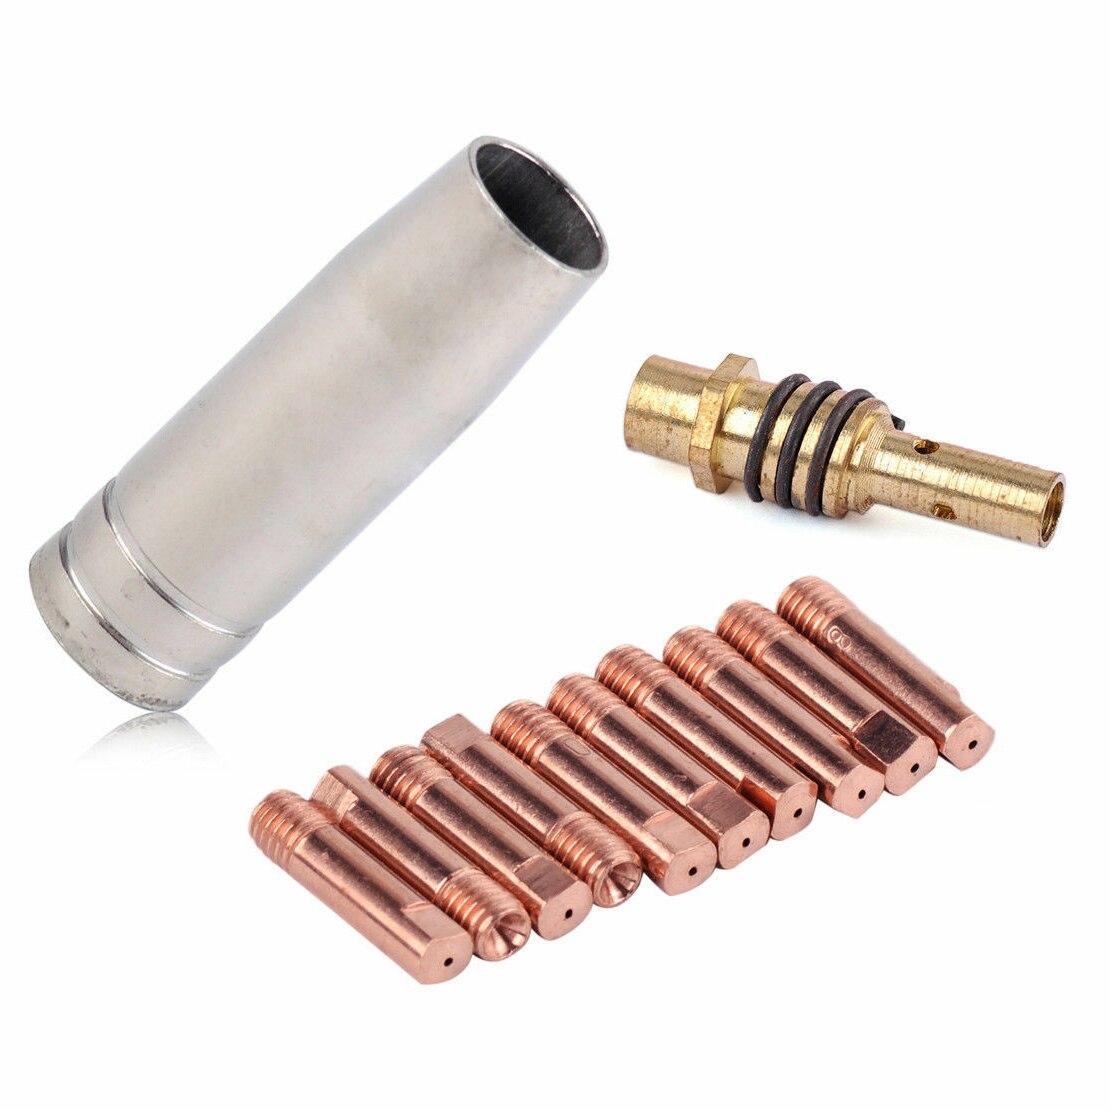 12 boquillas accesorios de soldadura set MIG/Soldadura MAG puntas 0,8x25mm